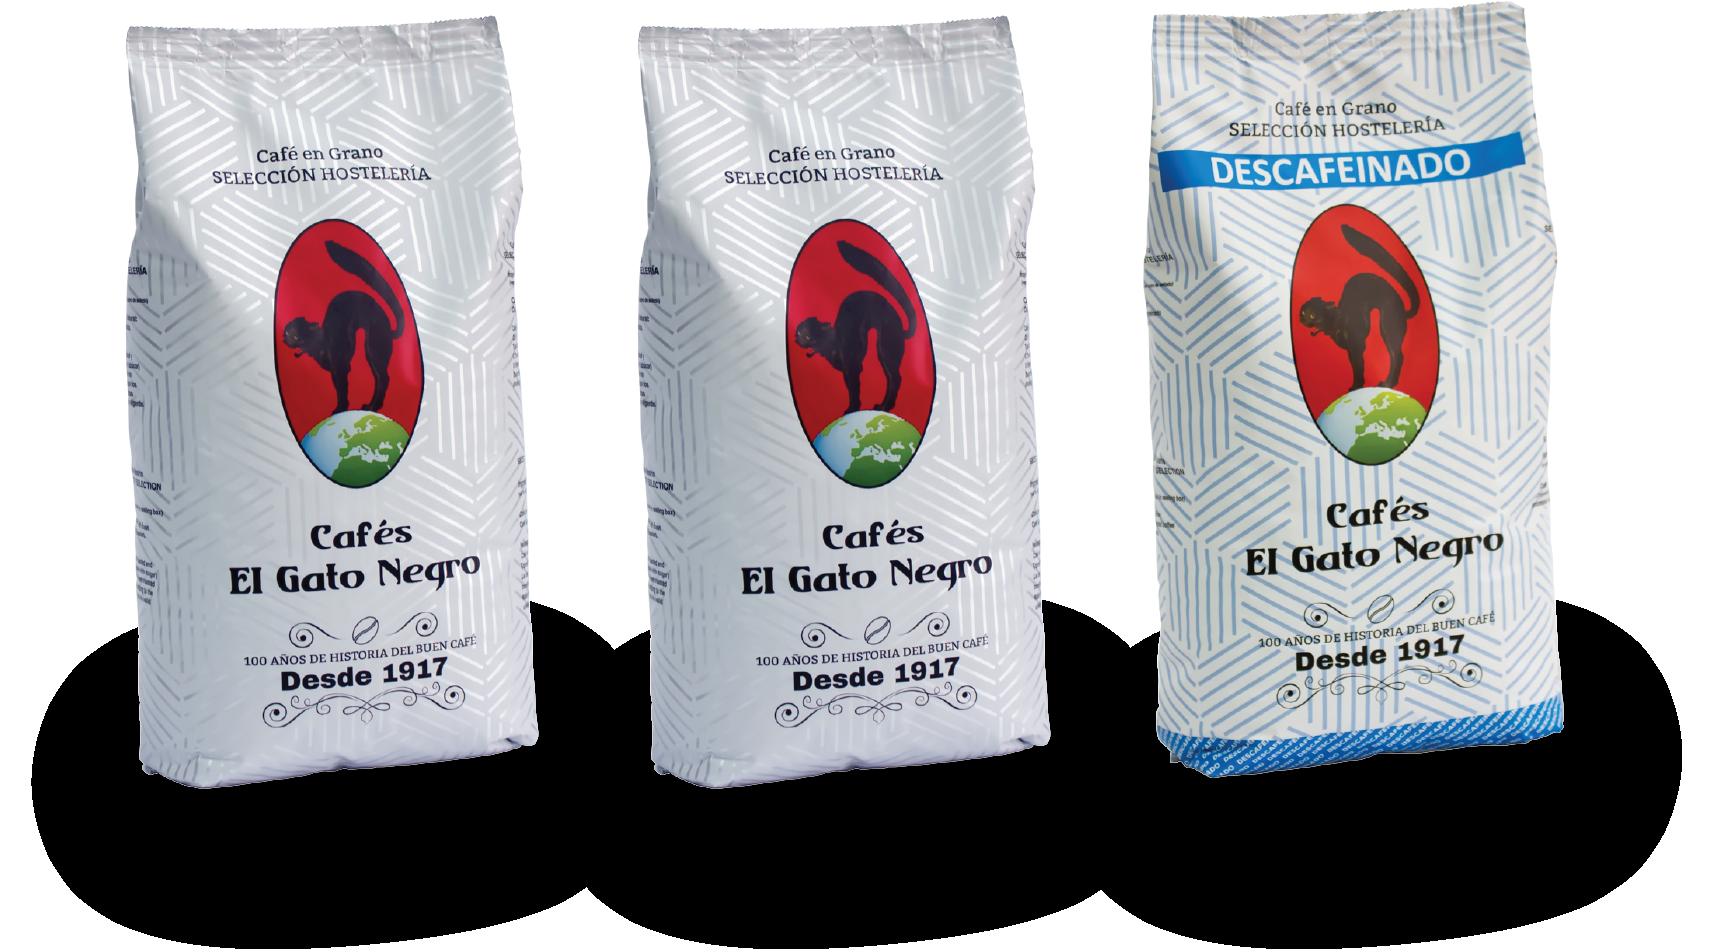 Gama cafe en grano El Gato Negro